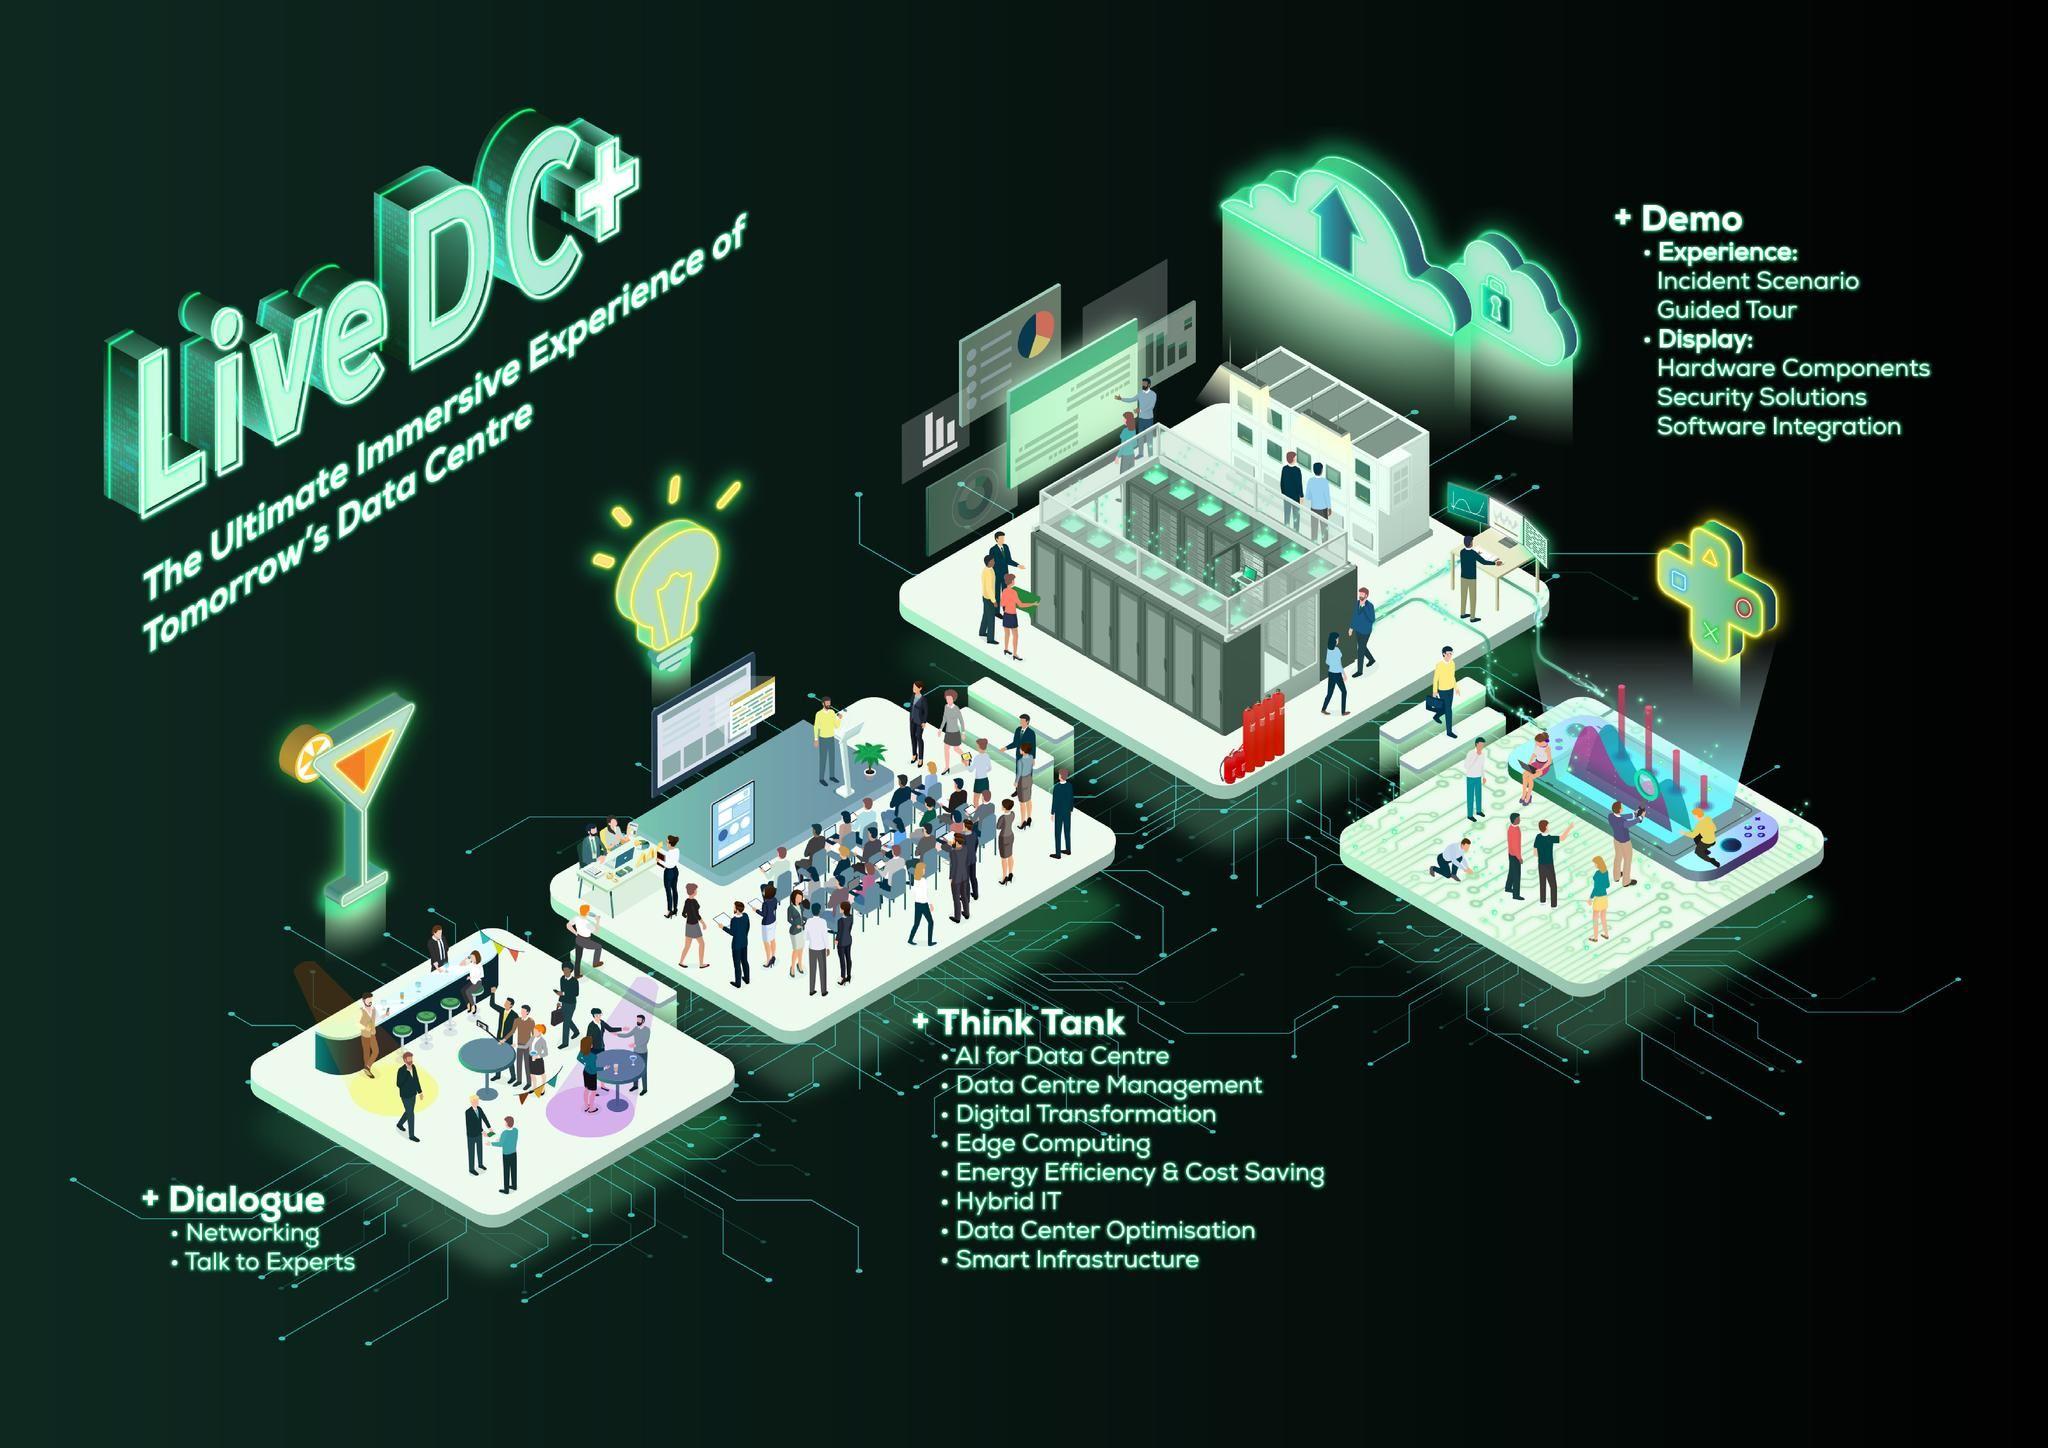 Live Data Centre, data centre world hong kong